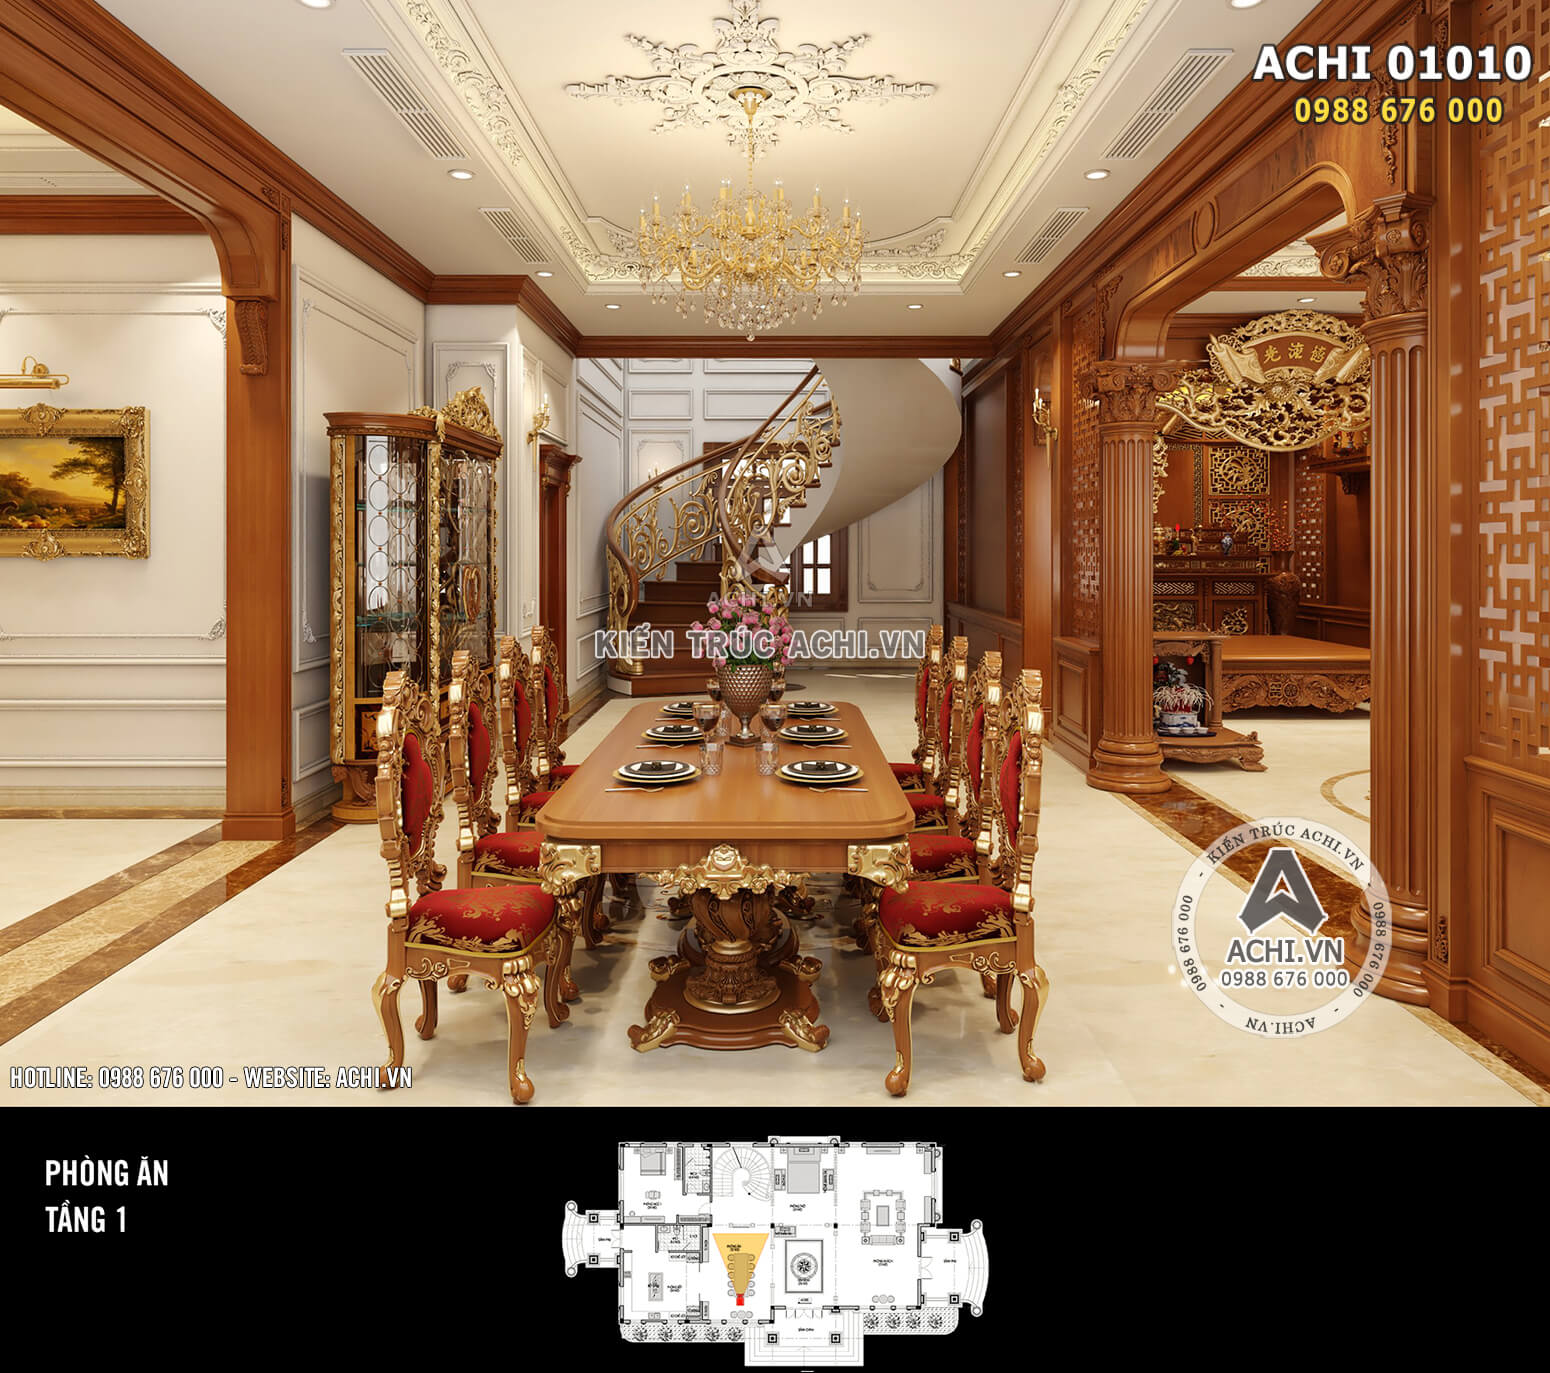 Hình ảnh: Thiết kế nội thất tân cổ điển - Phòng ăn